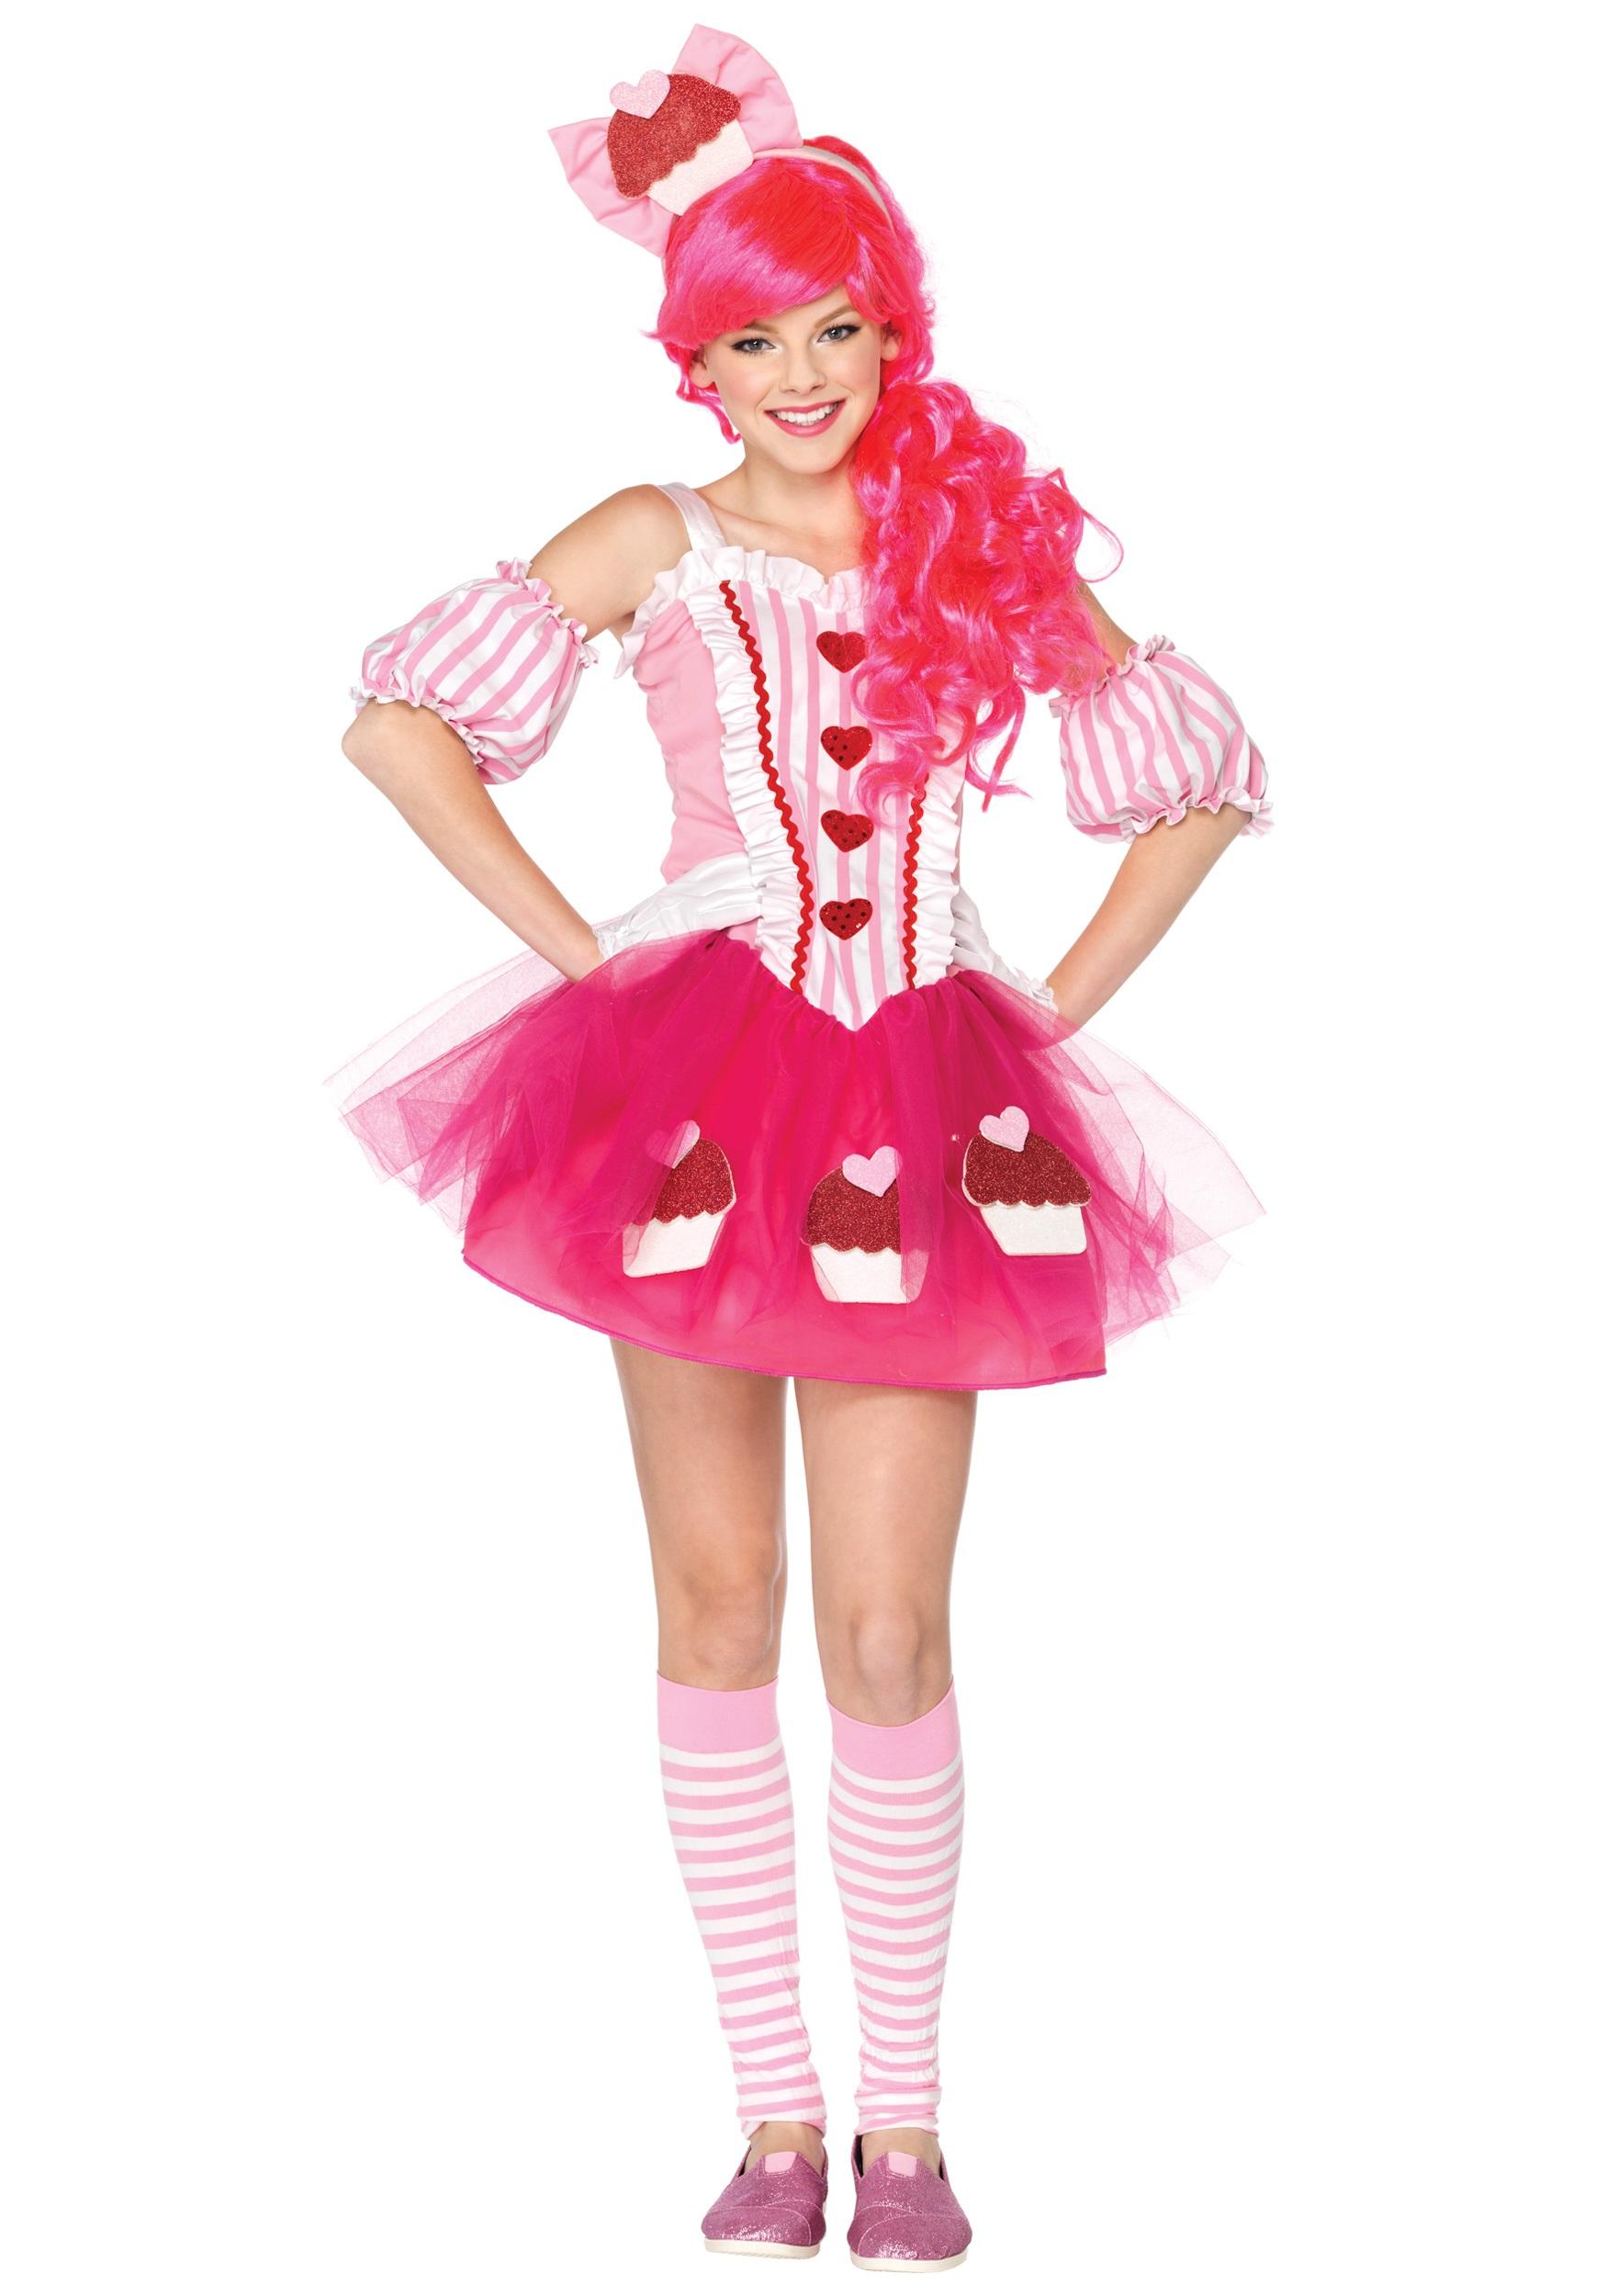 Teen Cupcake Sweetie Costume  sc 1 st  Halloween Costumes & Teen Cupcake Sweetie Costume - Halloween Costumes